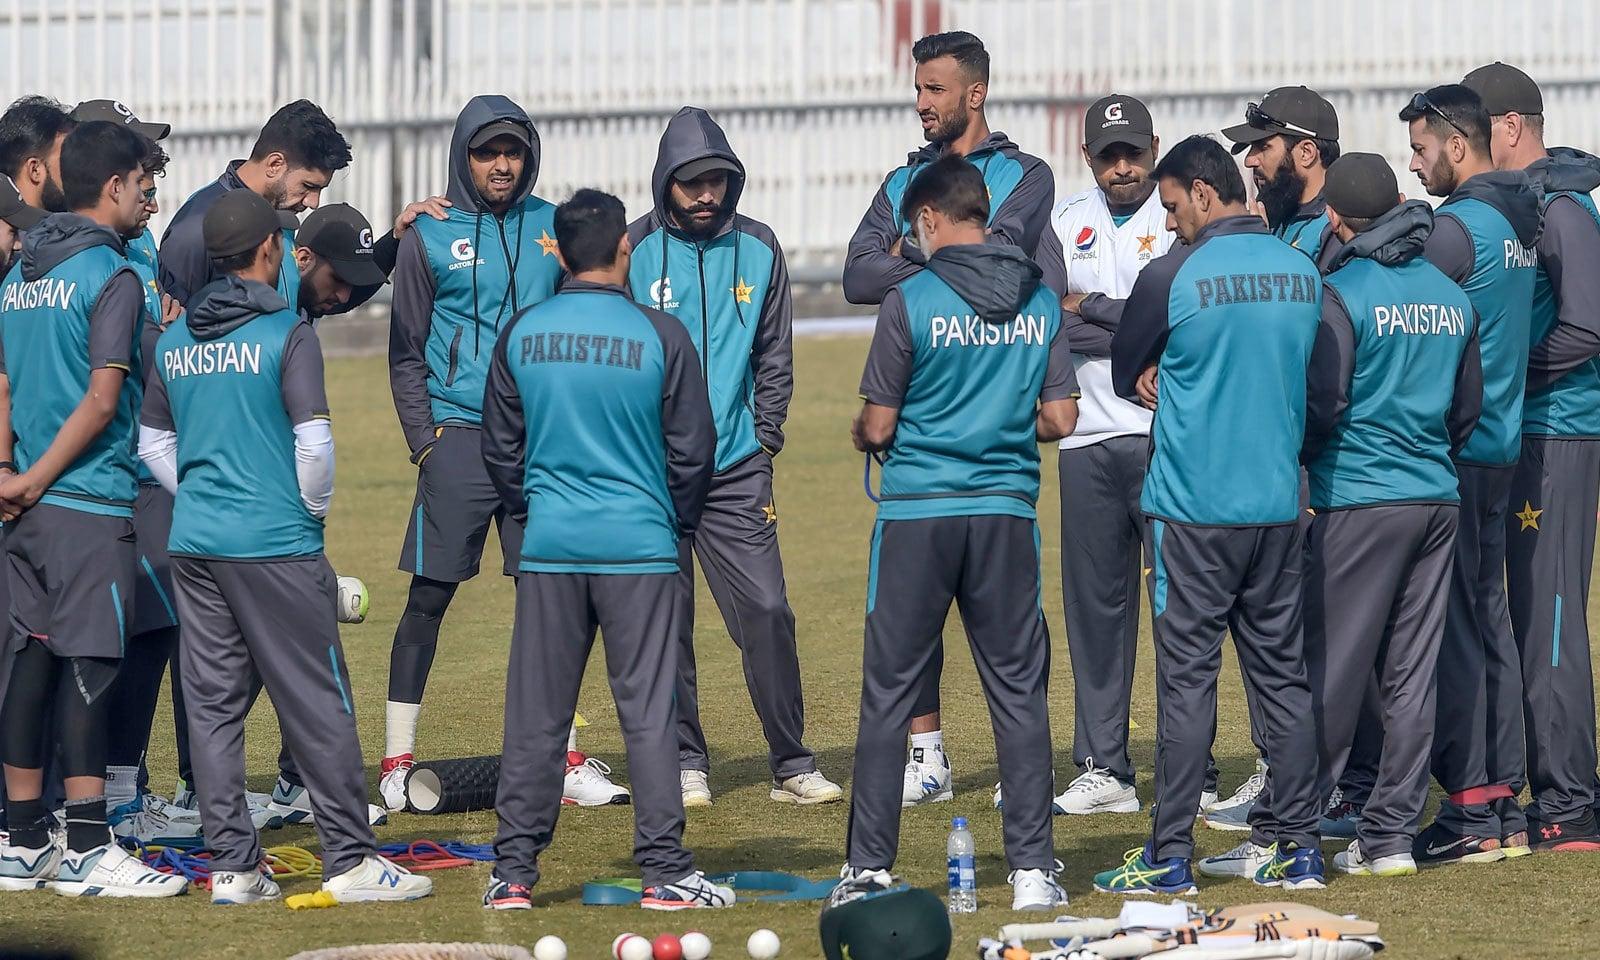 قومی ٹیم کے ہیڈ کوچ مصباح الحق کھلاڑیوں کو اہم مشورے دے رہے ہیں— فوٹو: اے ایف پی